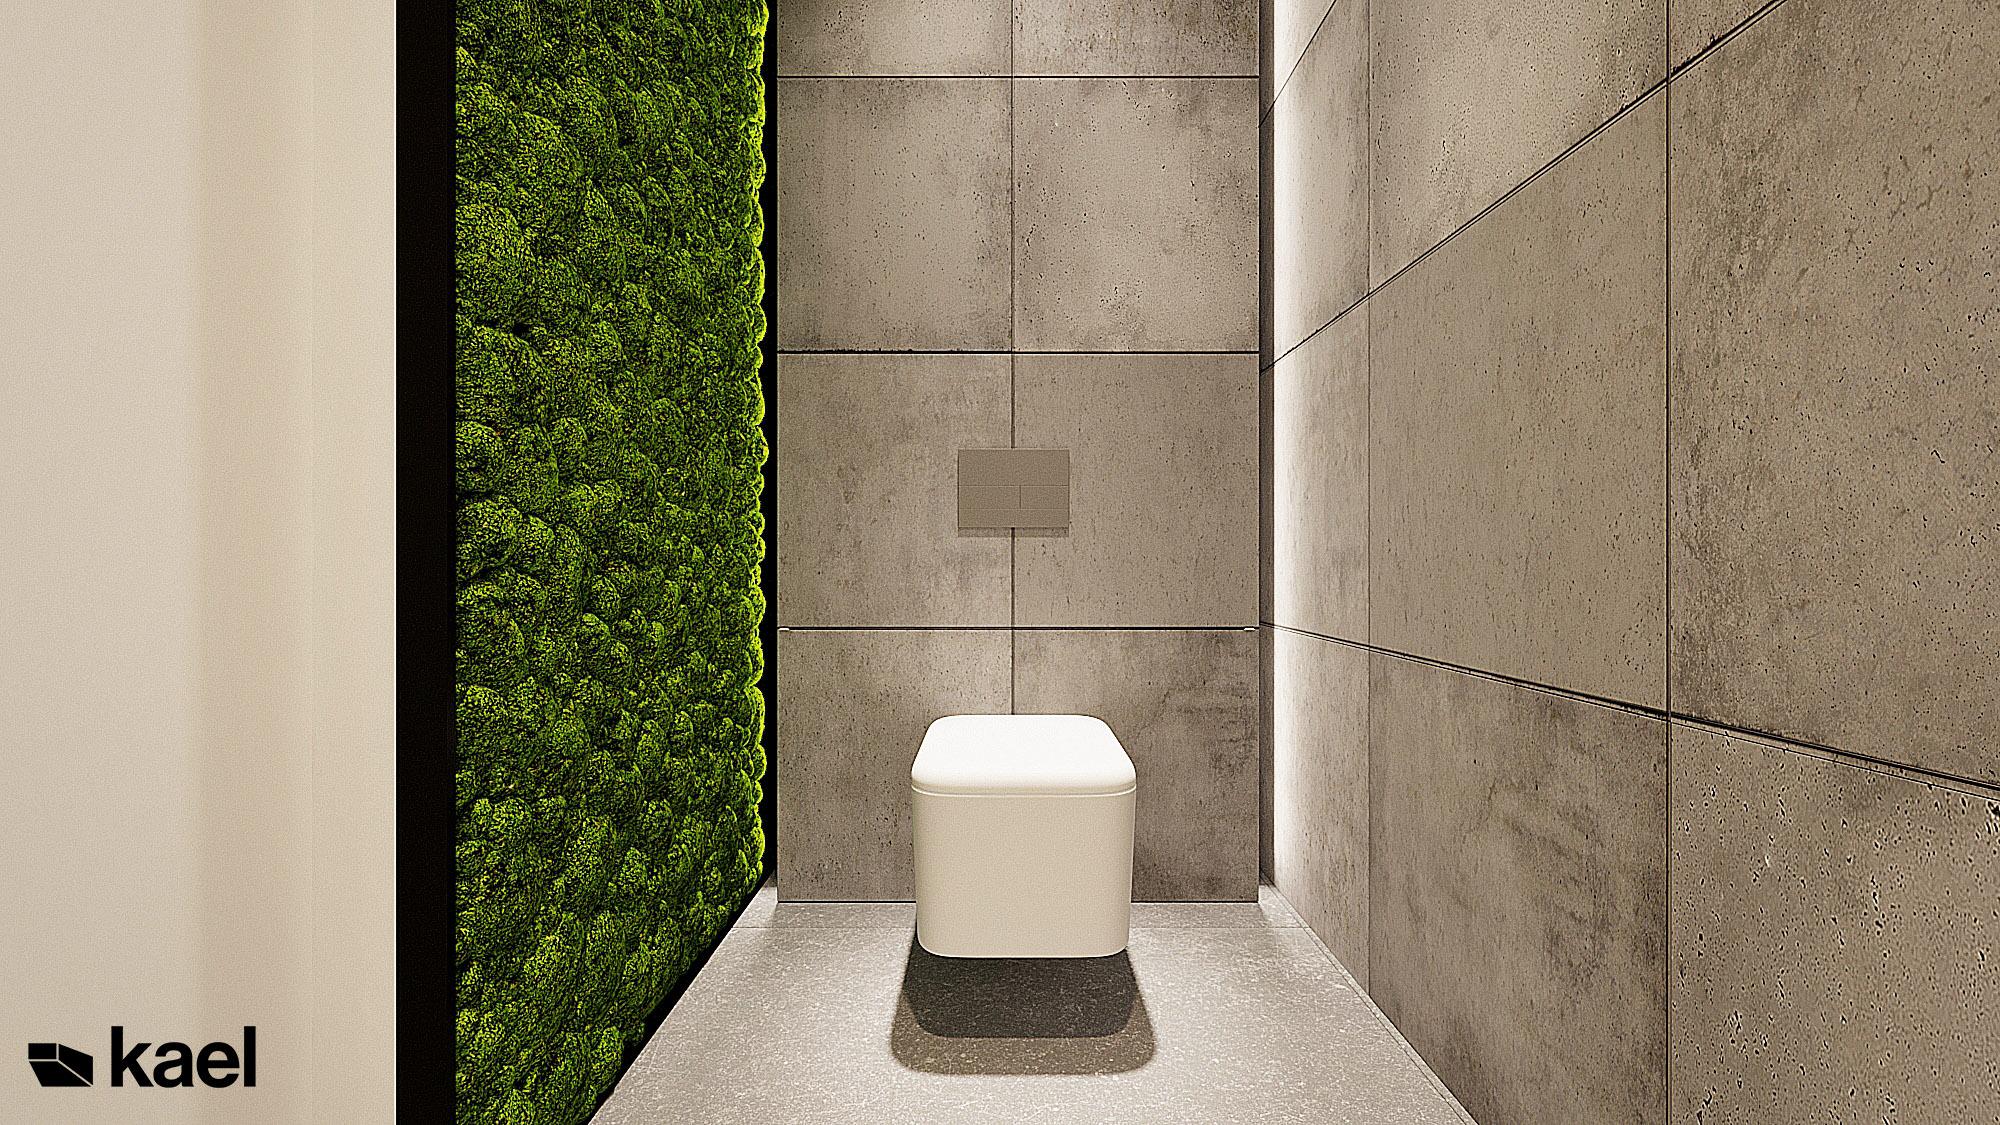 toaleta - Wachowska - projekt wnętrza domu jednorodzinnego - Kael Warszawa